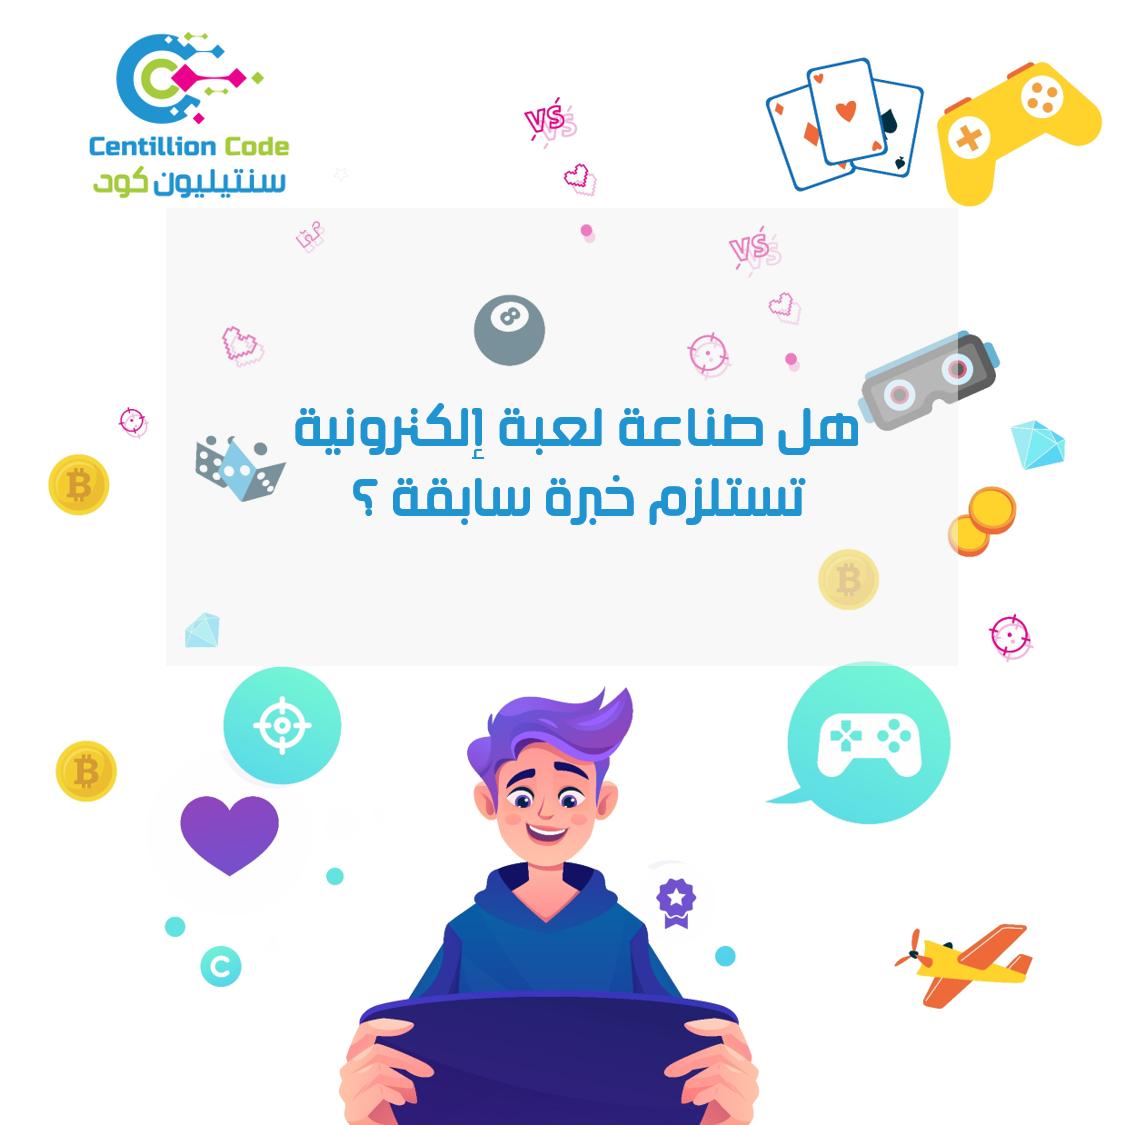 هل صناعة الألعاب الإلكرتونية للصغار  تحتاج إلى خبرة ؟